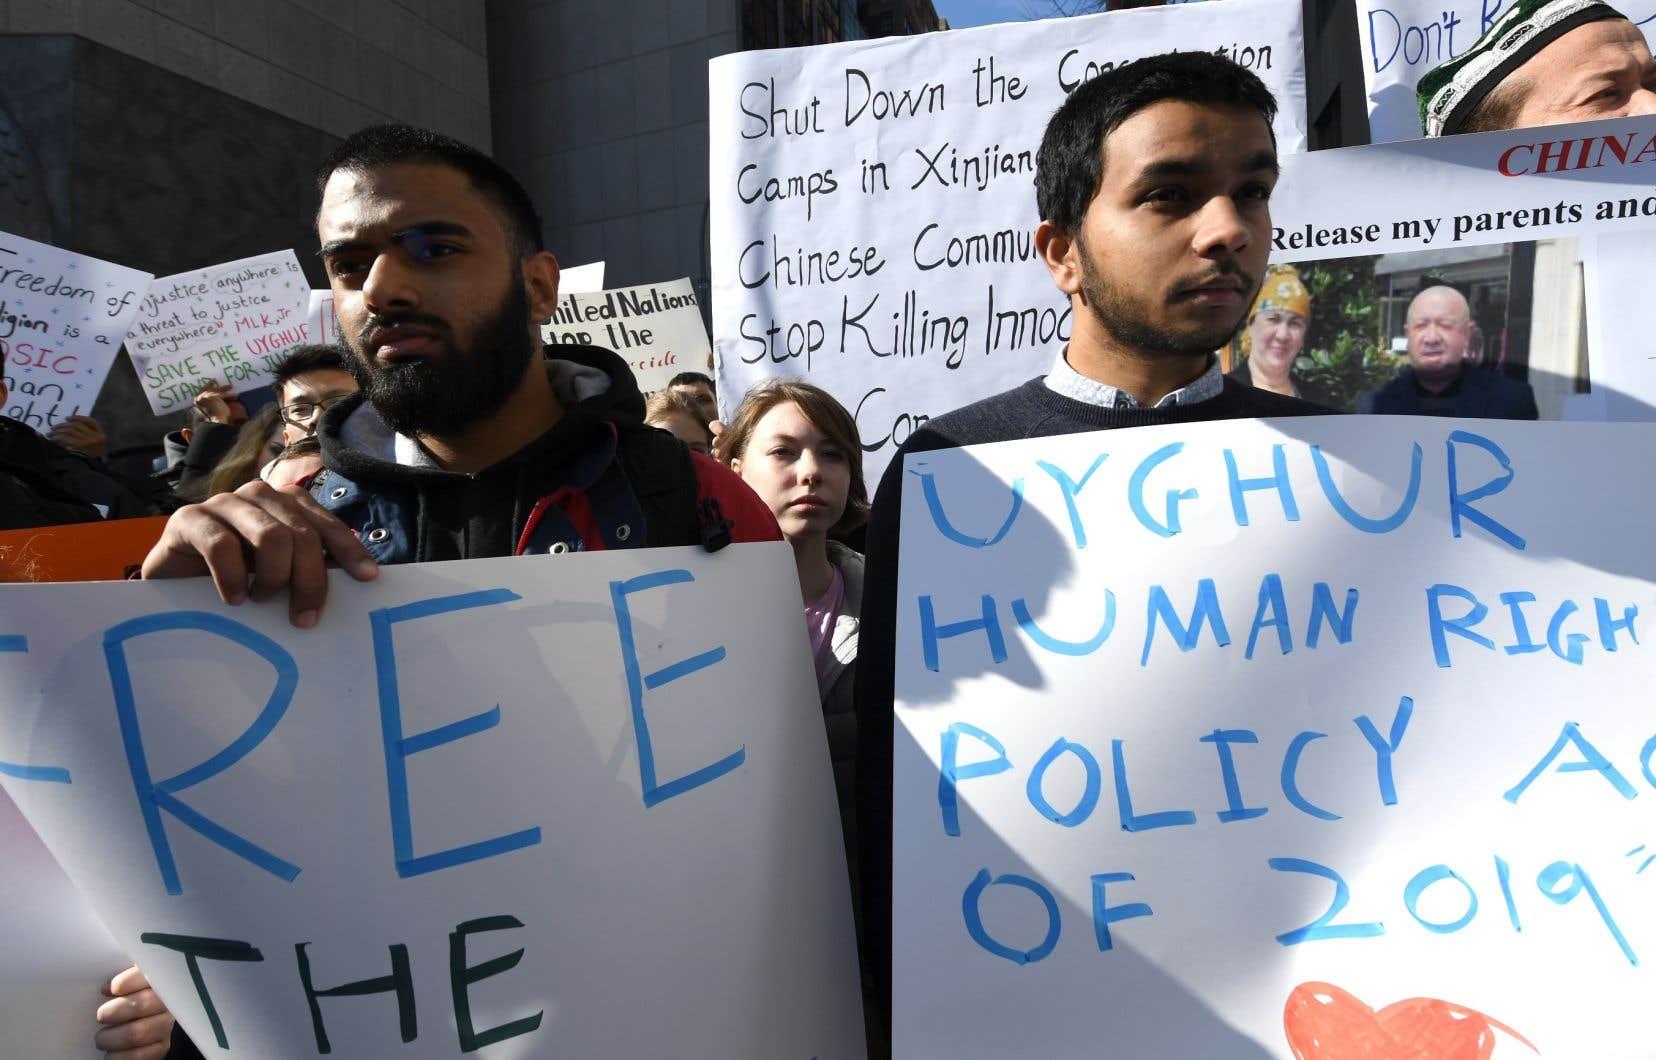 Des manifestants dénonçant les violations des droits de la personne des Ouïghours — une minorité musulmane contre laquelle Pékin mène une politique répressive au nom de la lutte antiterroriste